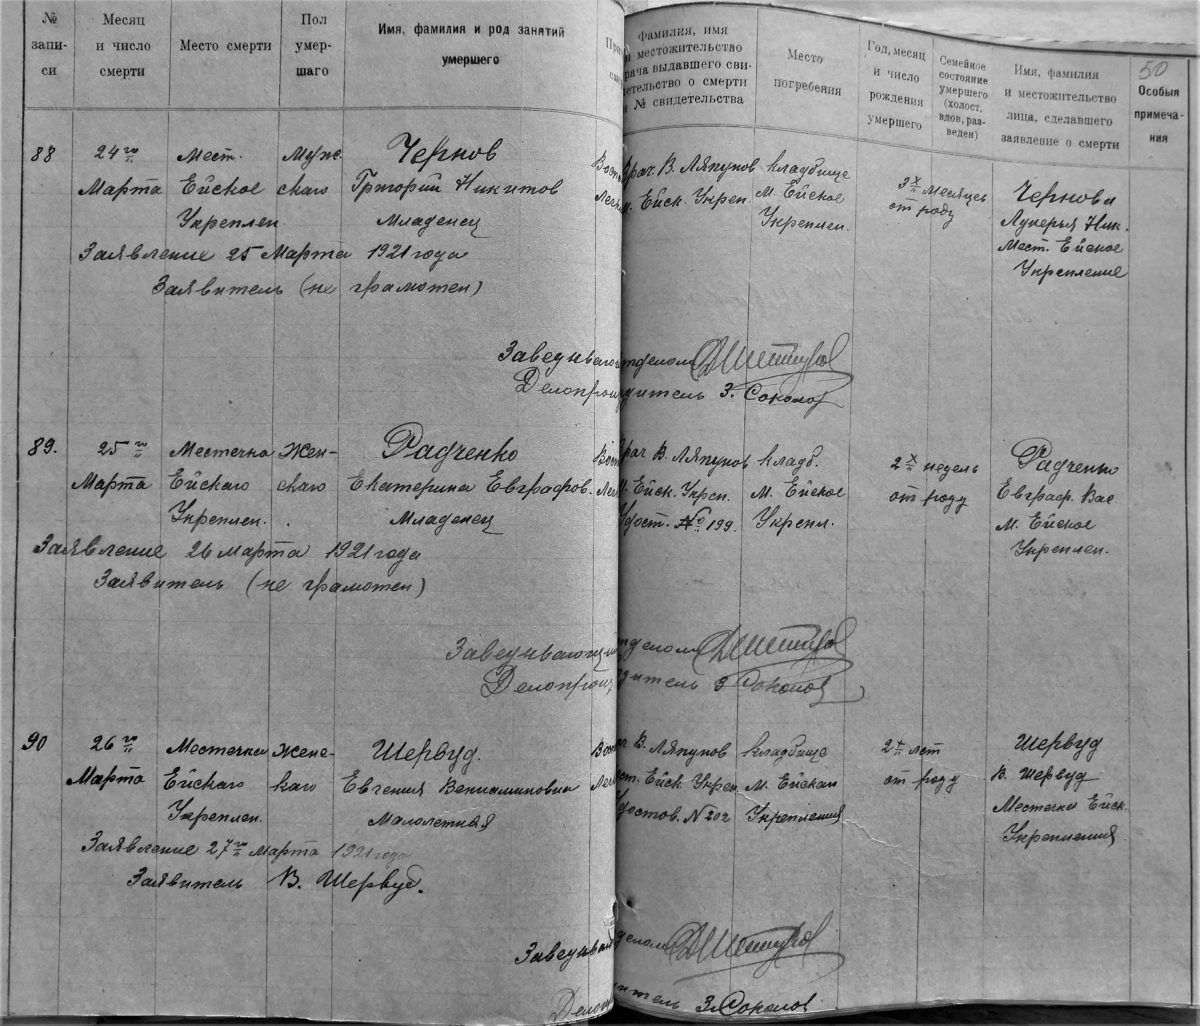 Книги ЗАГС о смерти 1921 год Ейское укрепление Встречаются фамилии Чернов, Радченко, Шервуд